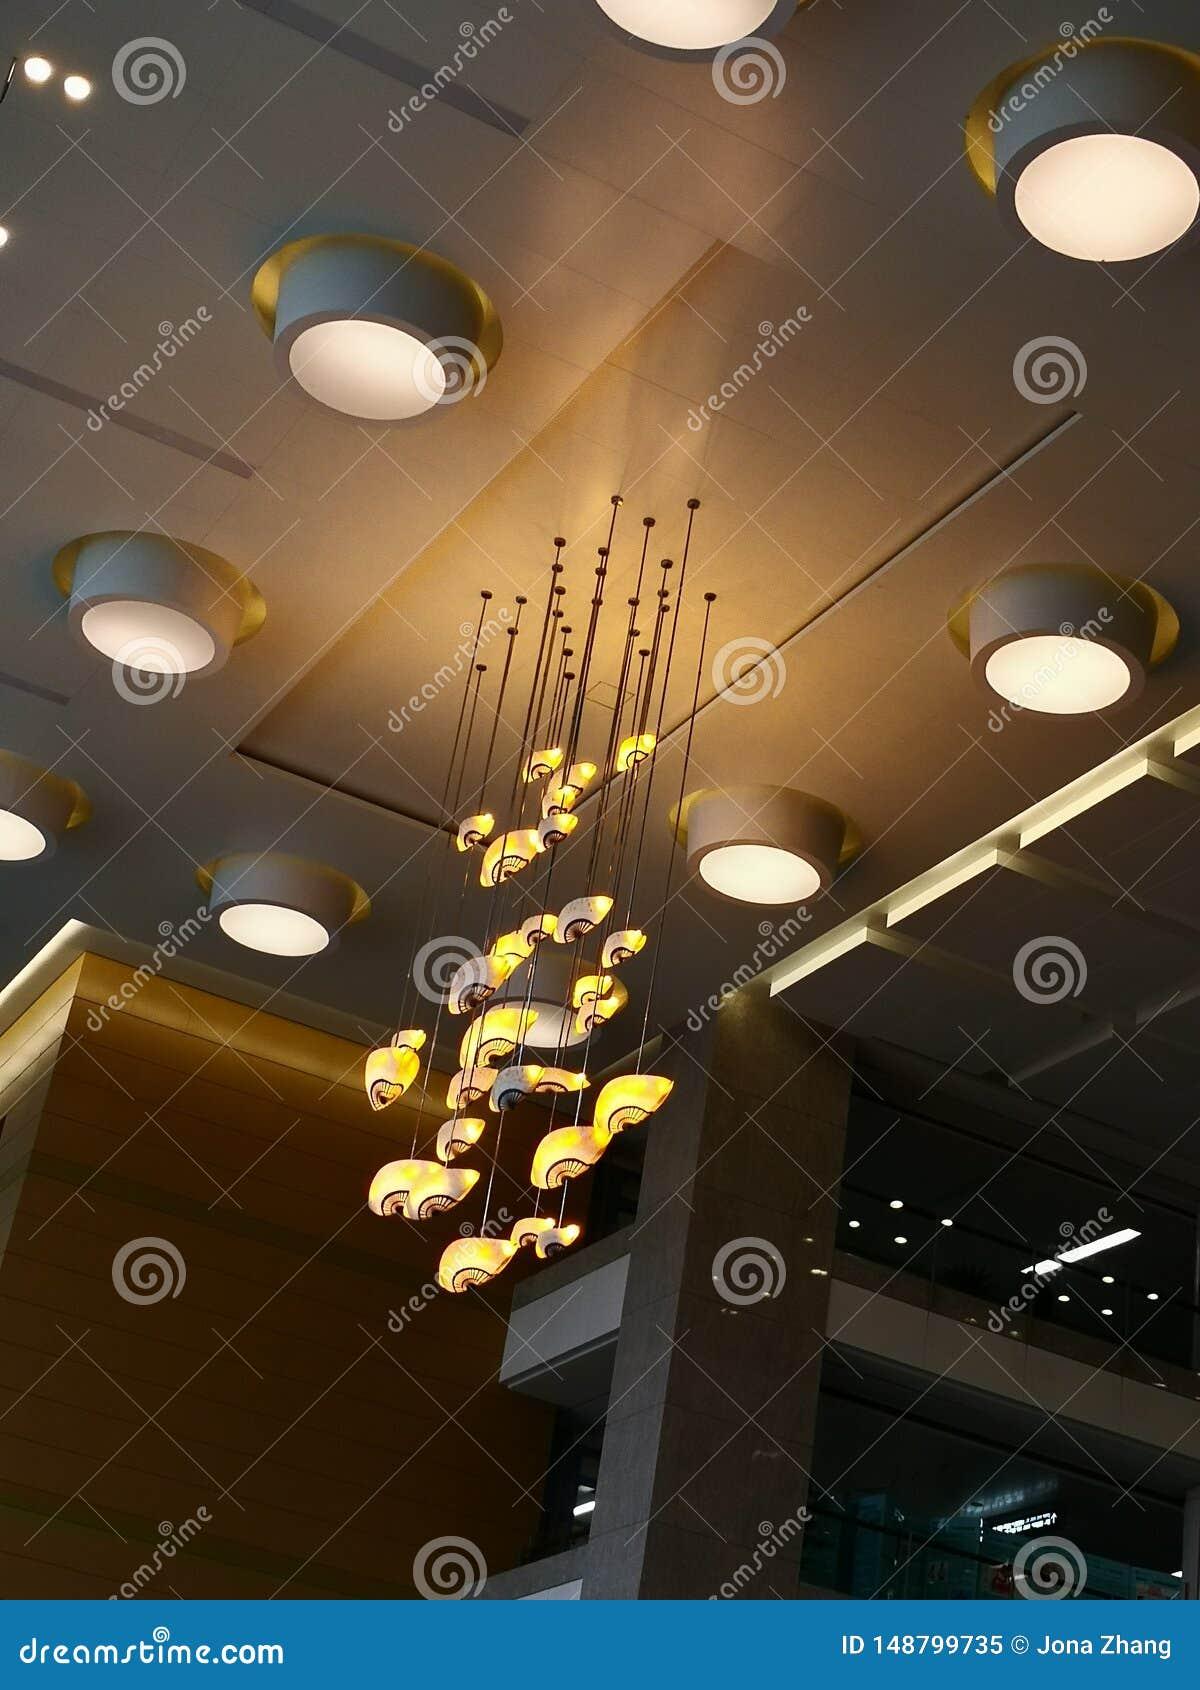 黄灯在大厅里